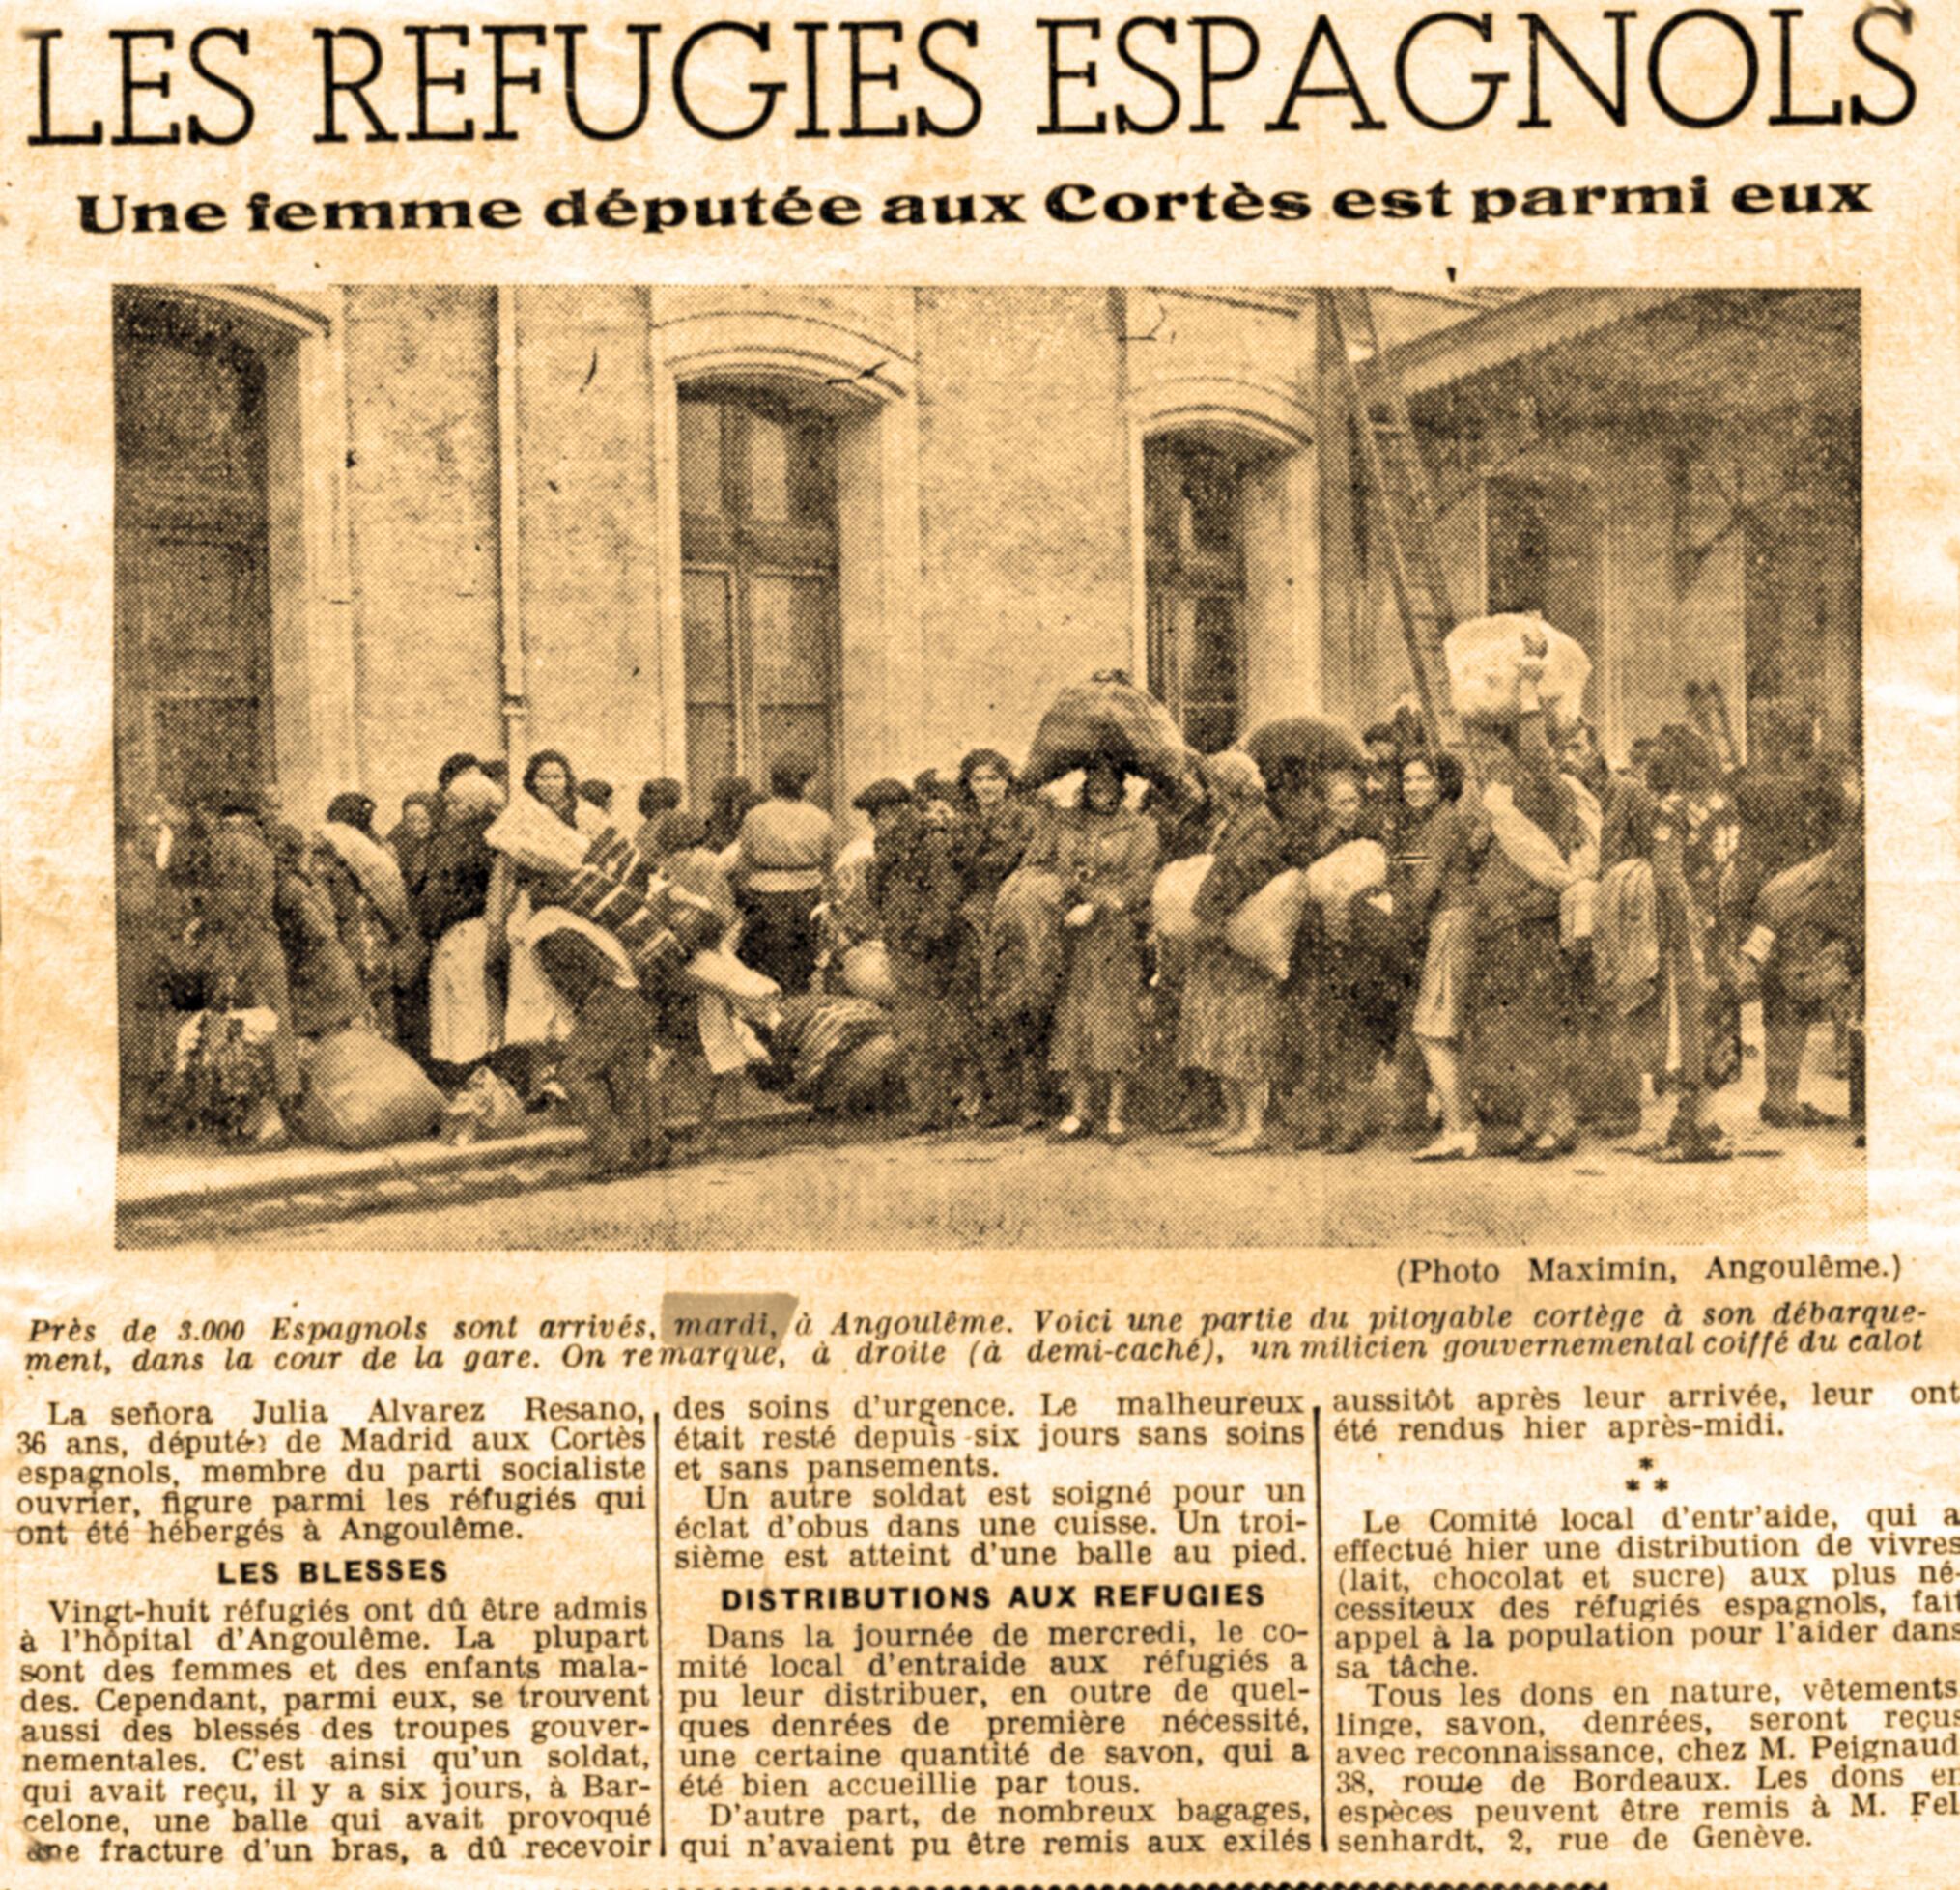 """Un article daté du 2 février 1939 du journal """"La petite gironde"""" relatant l'arrivée des réfugiés espagnols à Angoulême."""